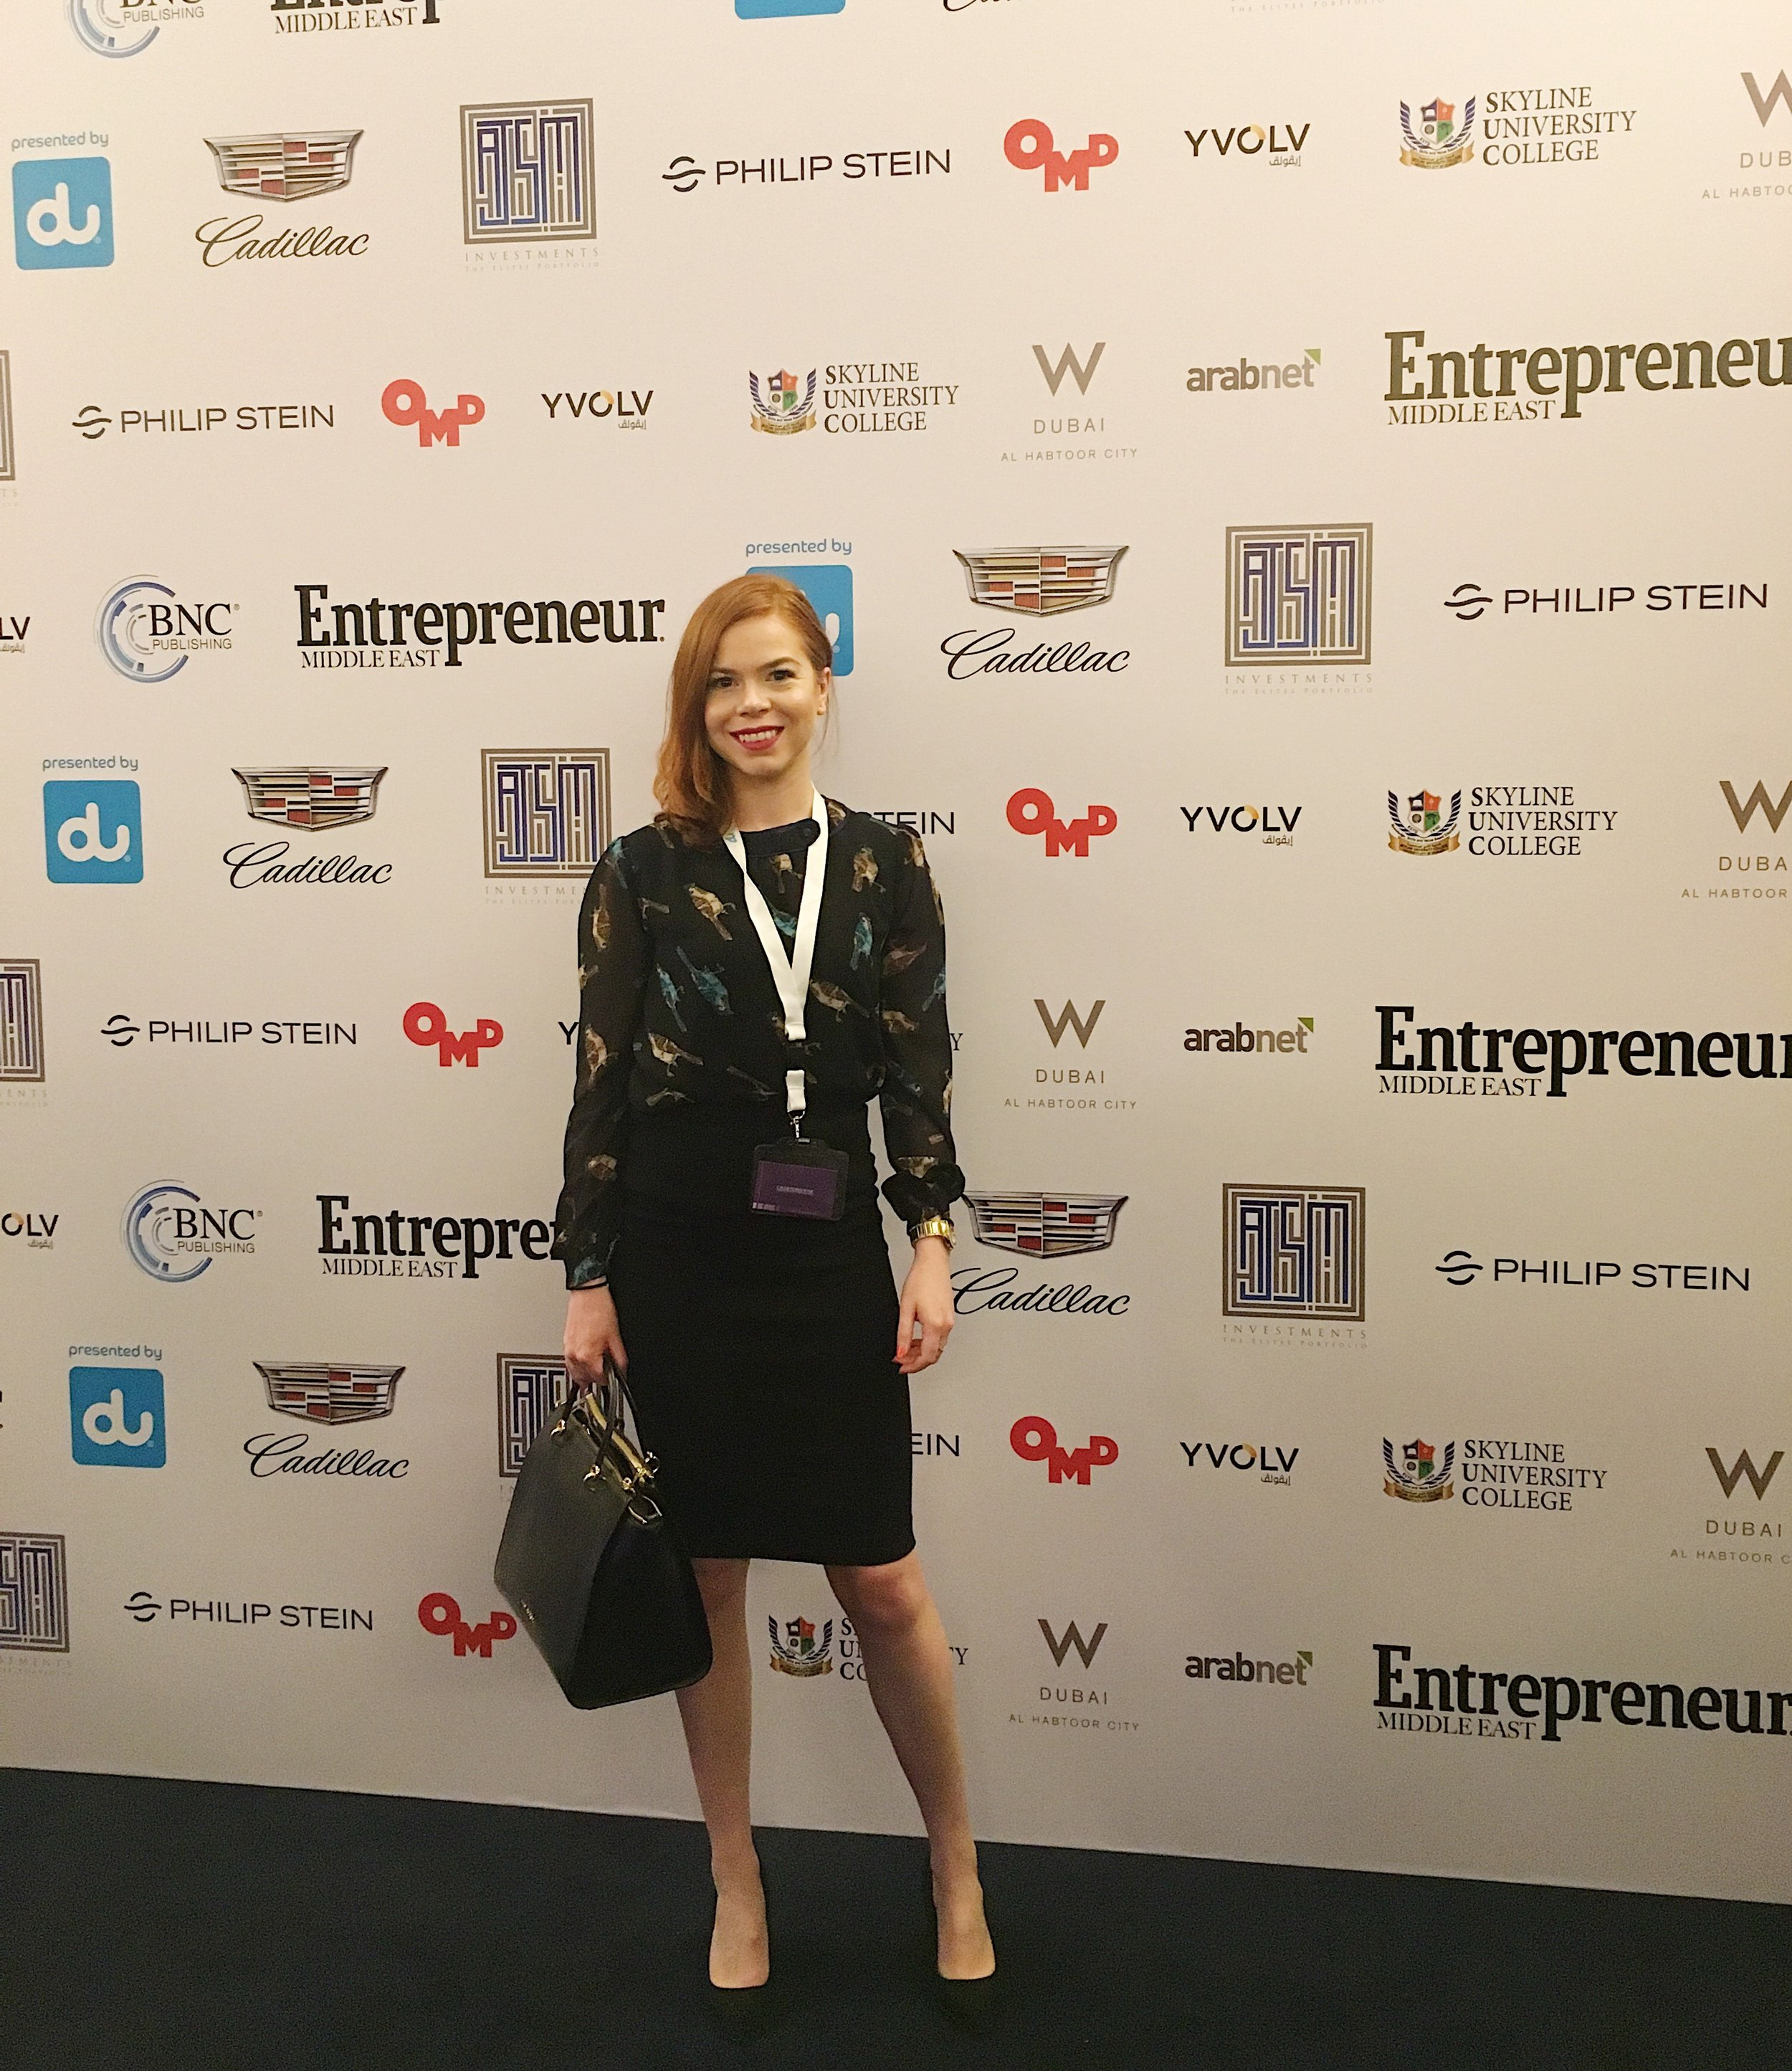 Briar Prestidge Entrepreneur Middle East's Achieving Women's Forum  2017